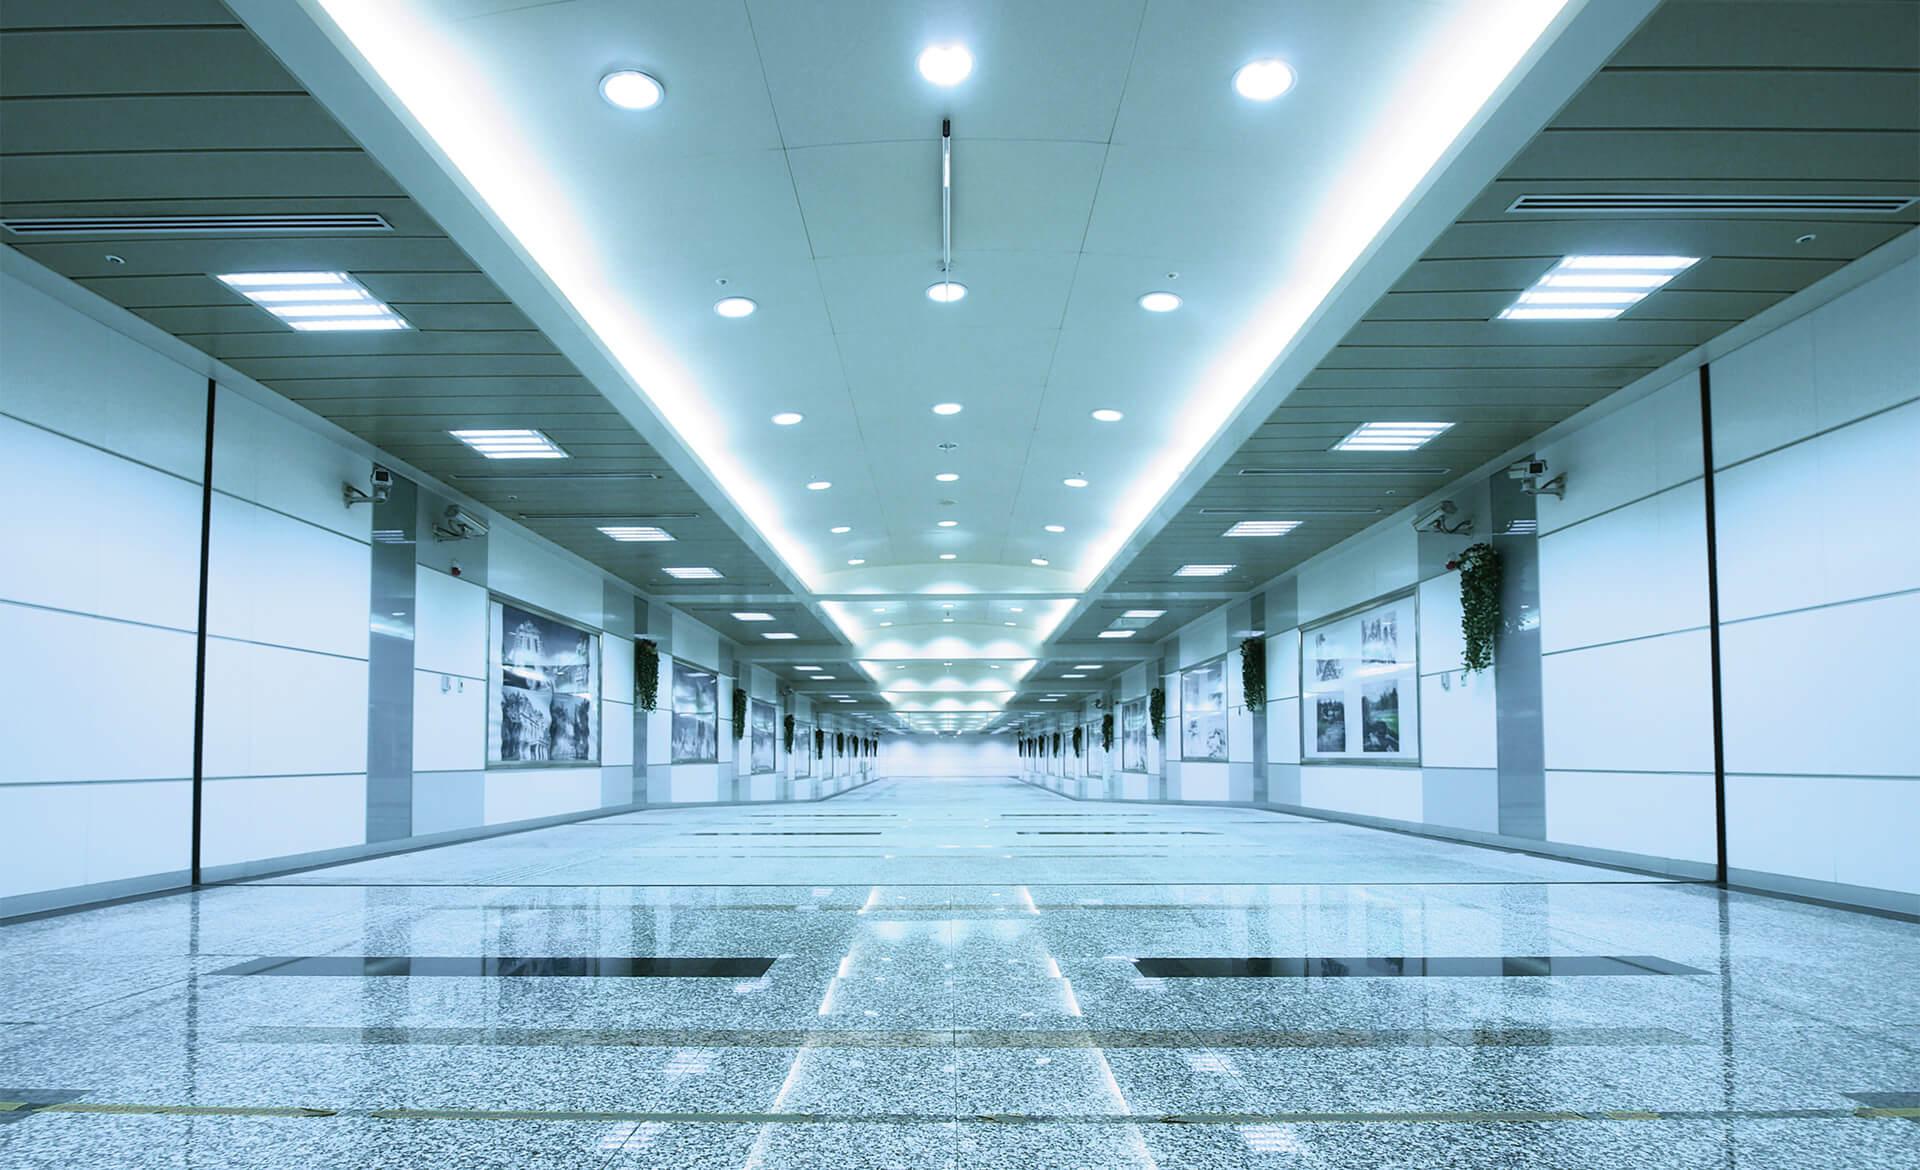 Produkt und Fachkompetenz Akkordeon Lichttechnik